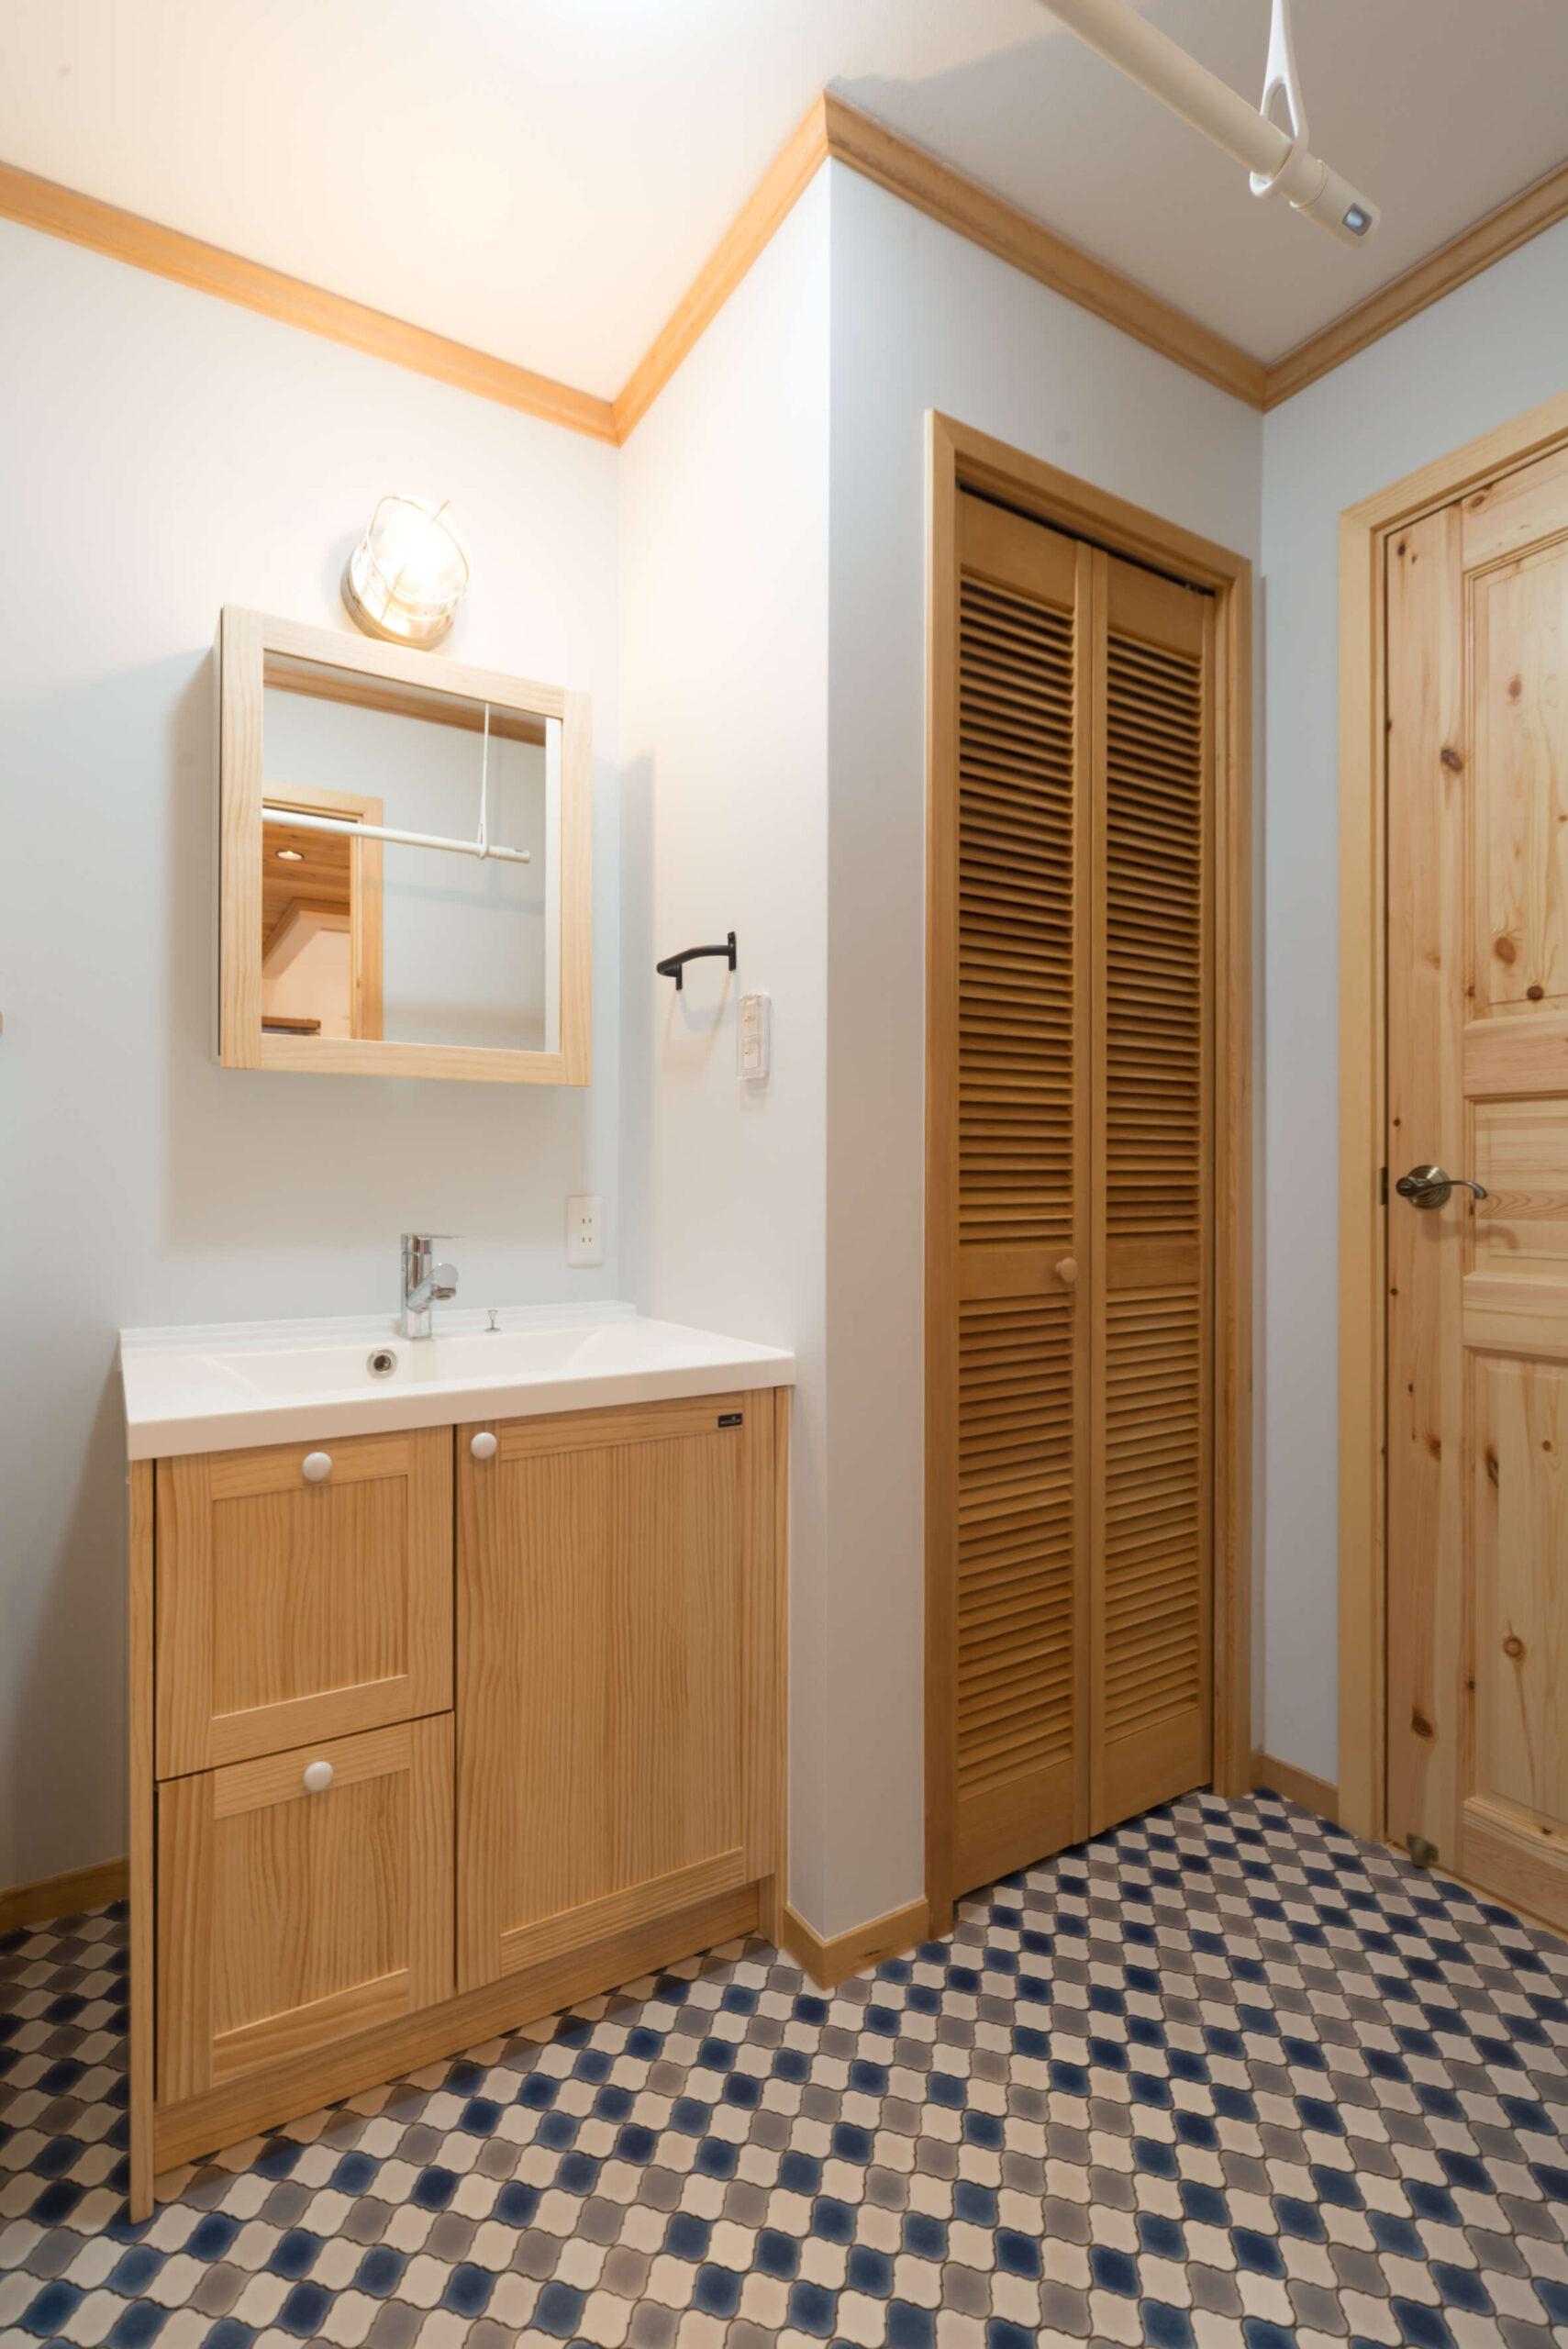 カリフォルニアスタイルの注文住宅の独立洗面台